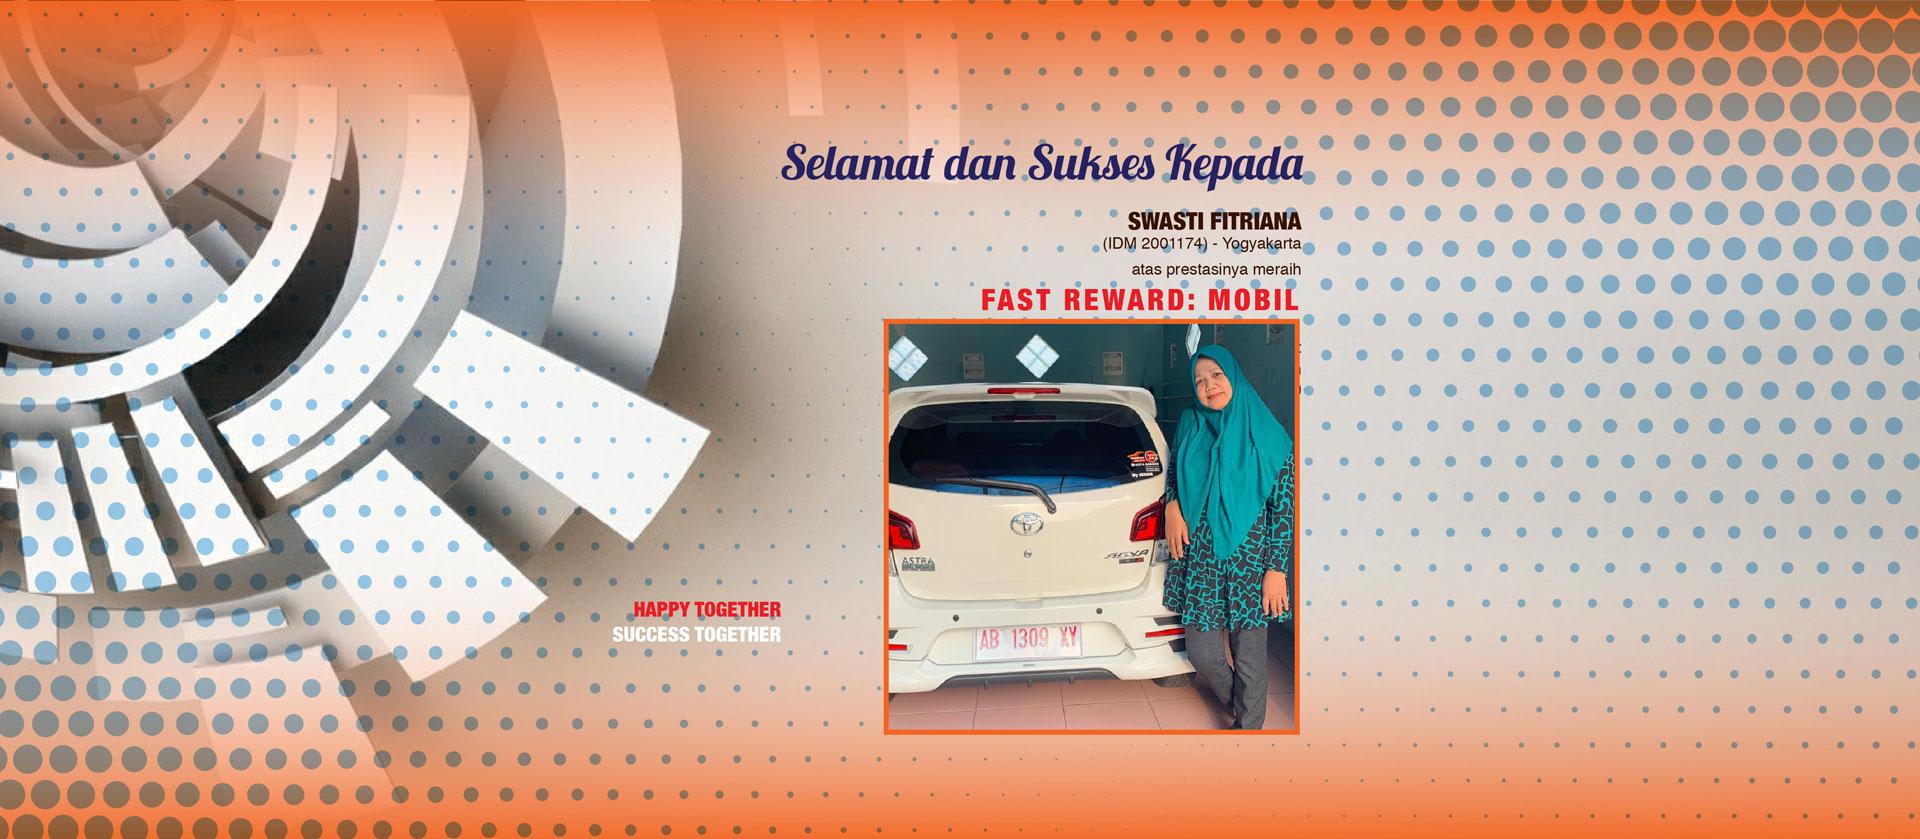 Fast Reward 7